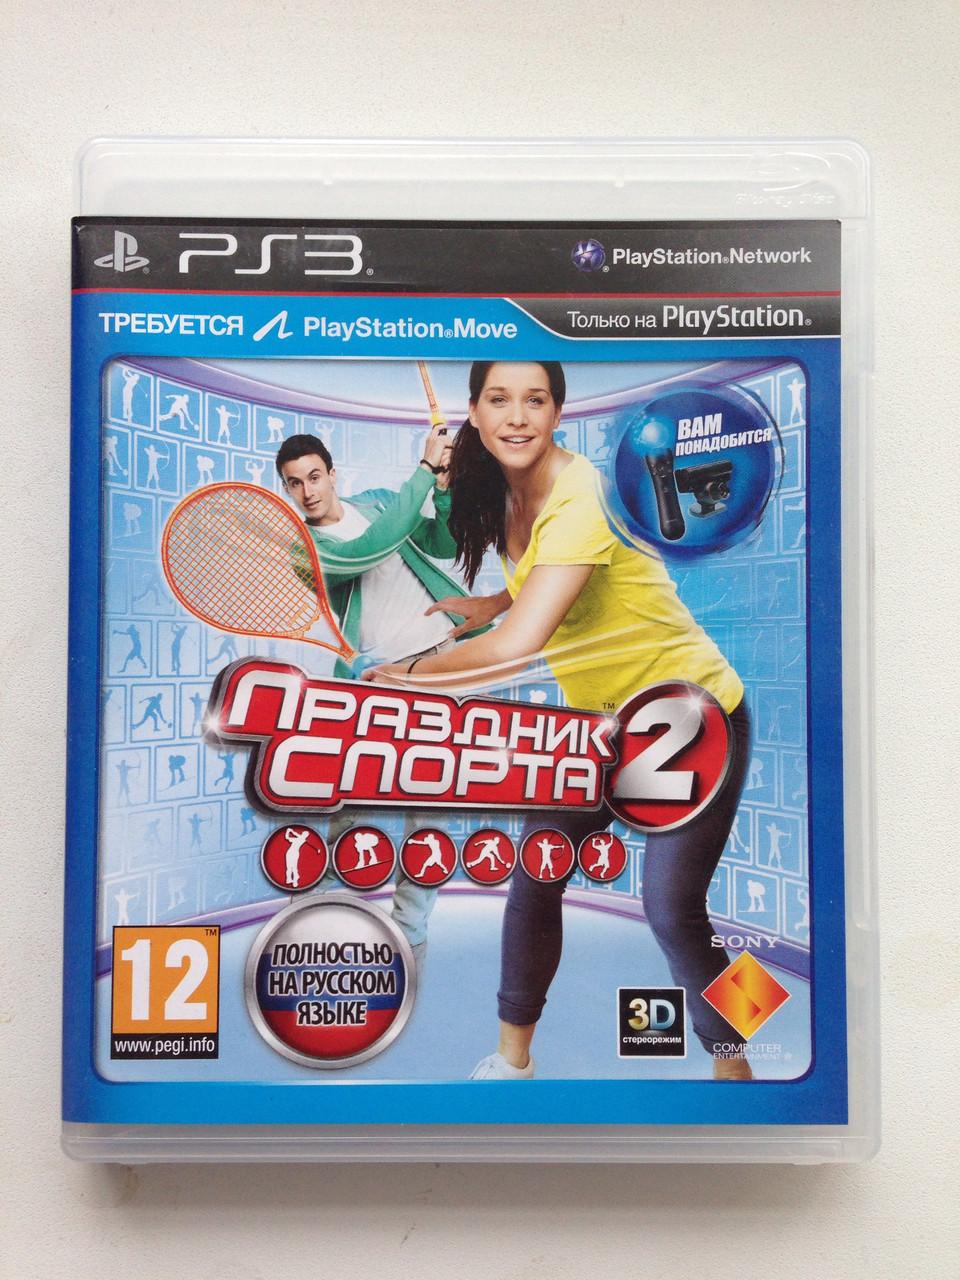 Праздник Спорта (PS3) pyc. move